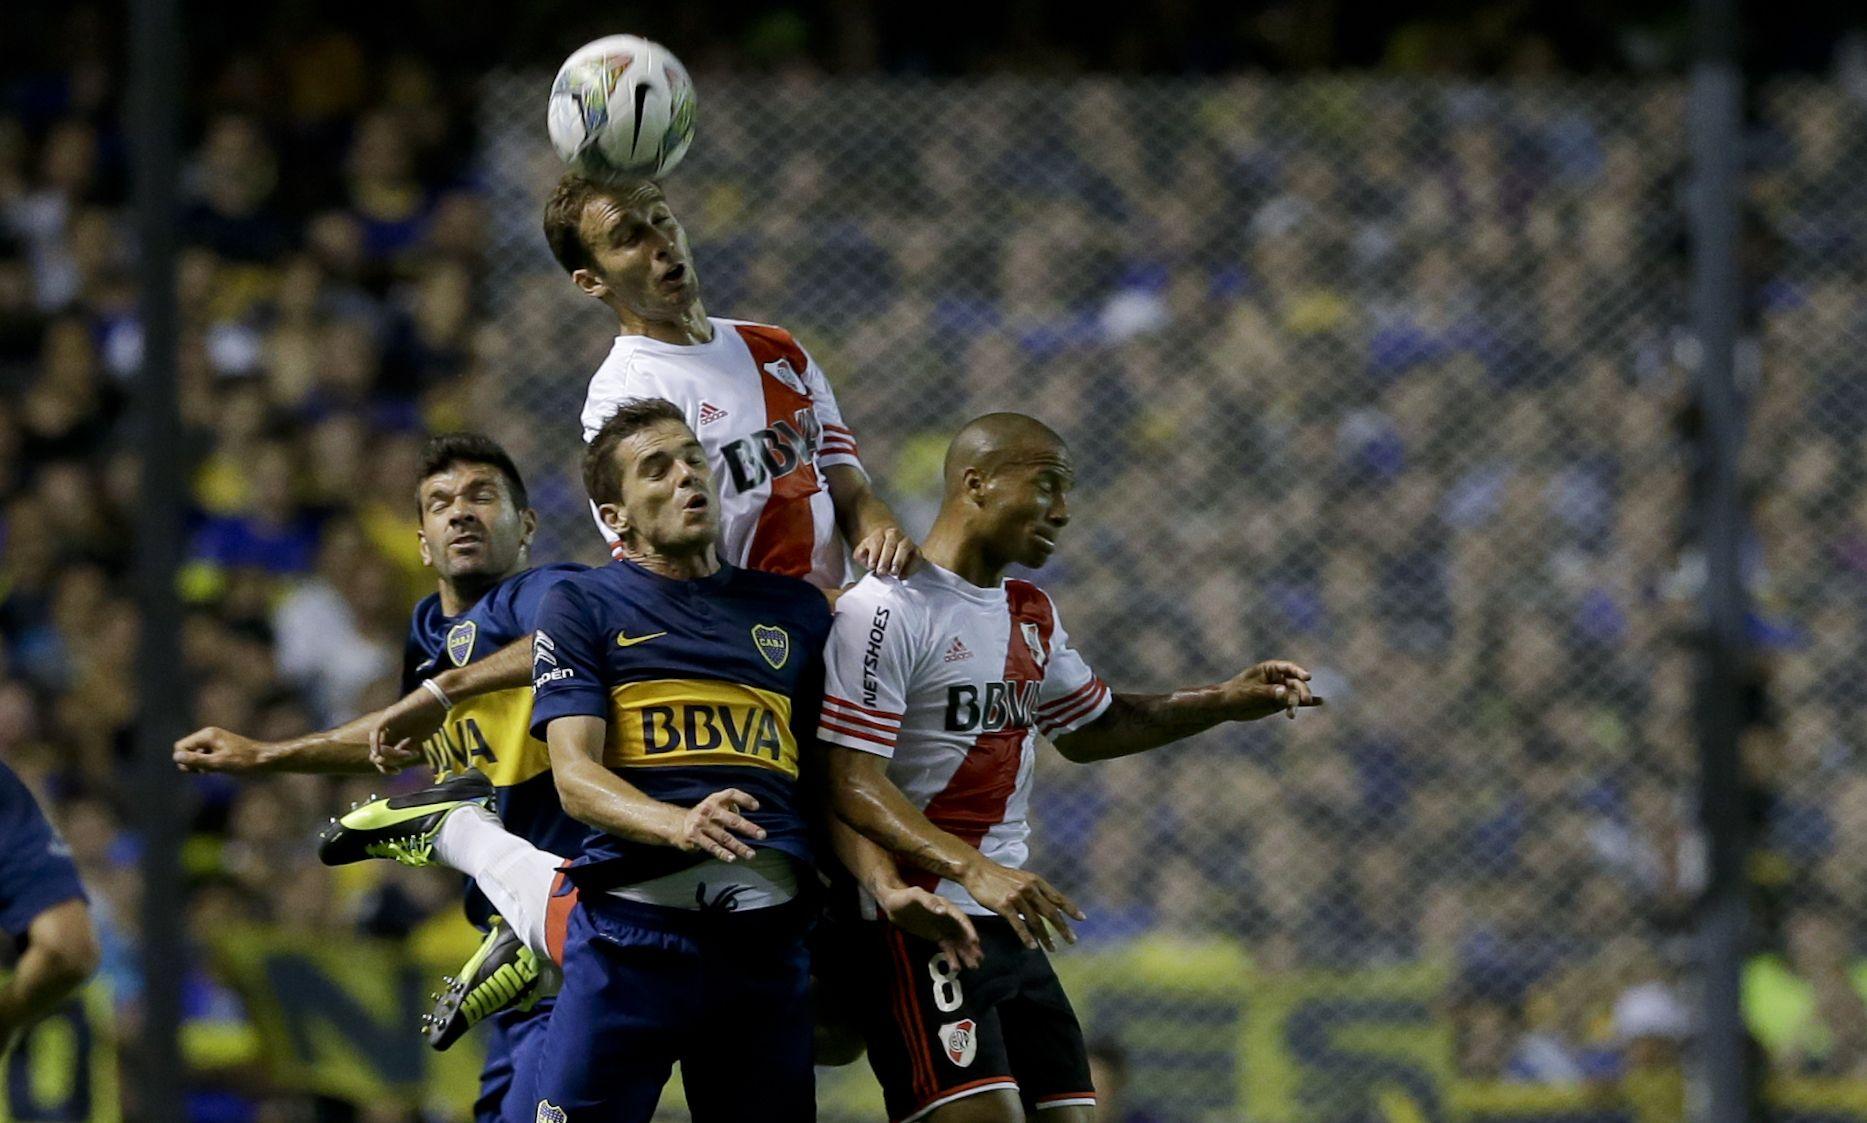 River y Boca ya tienen los once para la semifinal de mañana en el estadio Monumental.